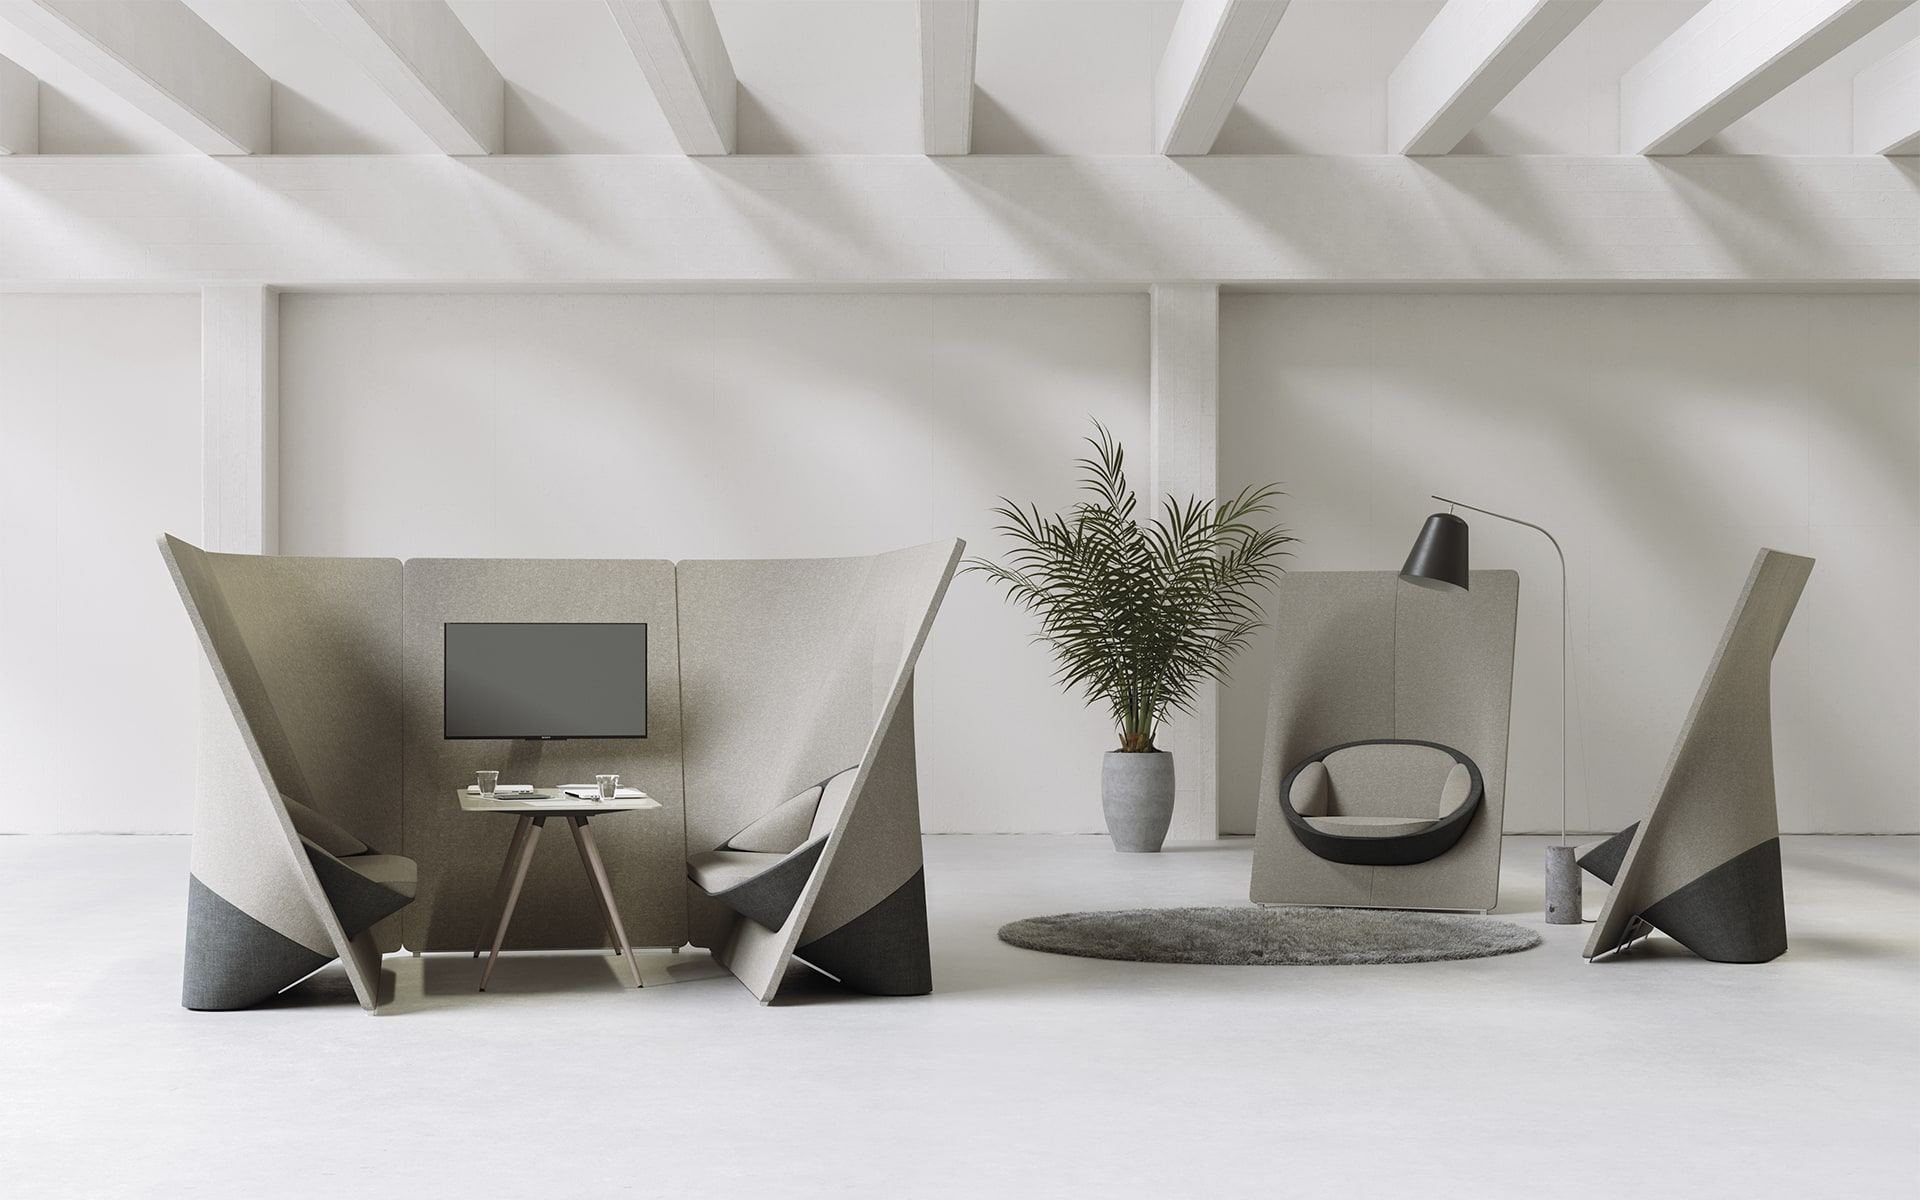 Profim Wyspa Lounge Sitzsystem von ITO Design in taupe in puristischem hellen Raum